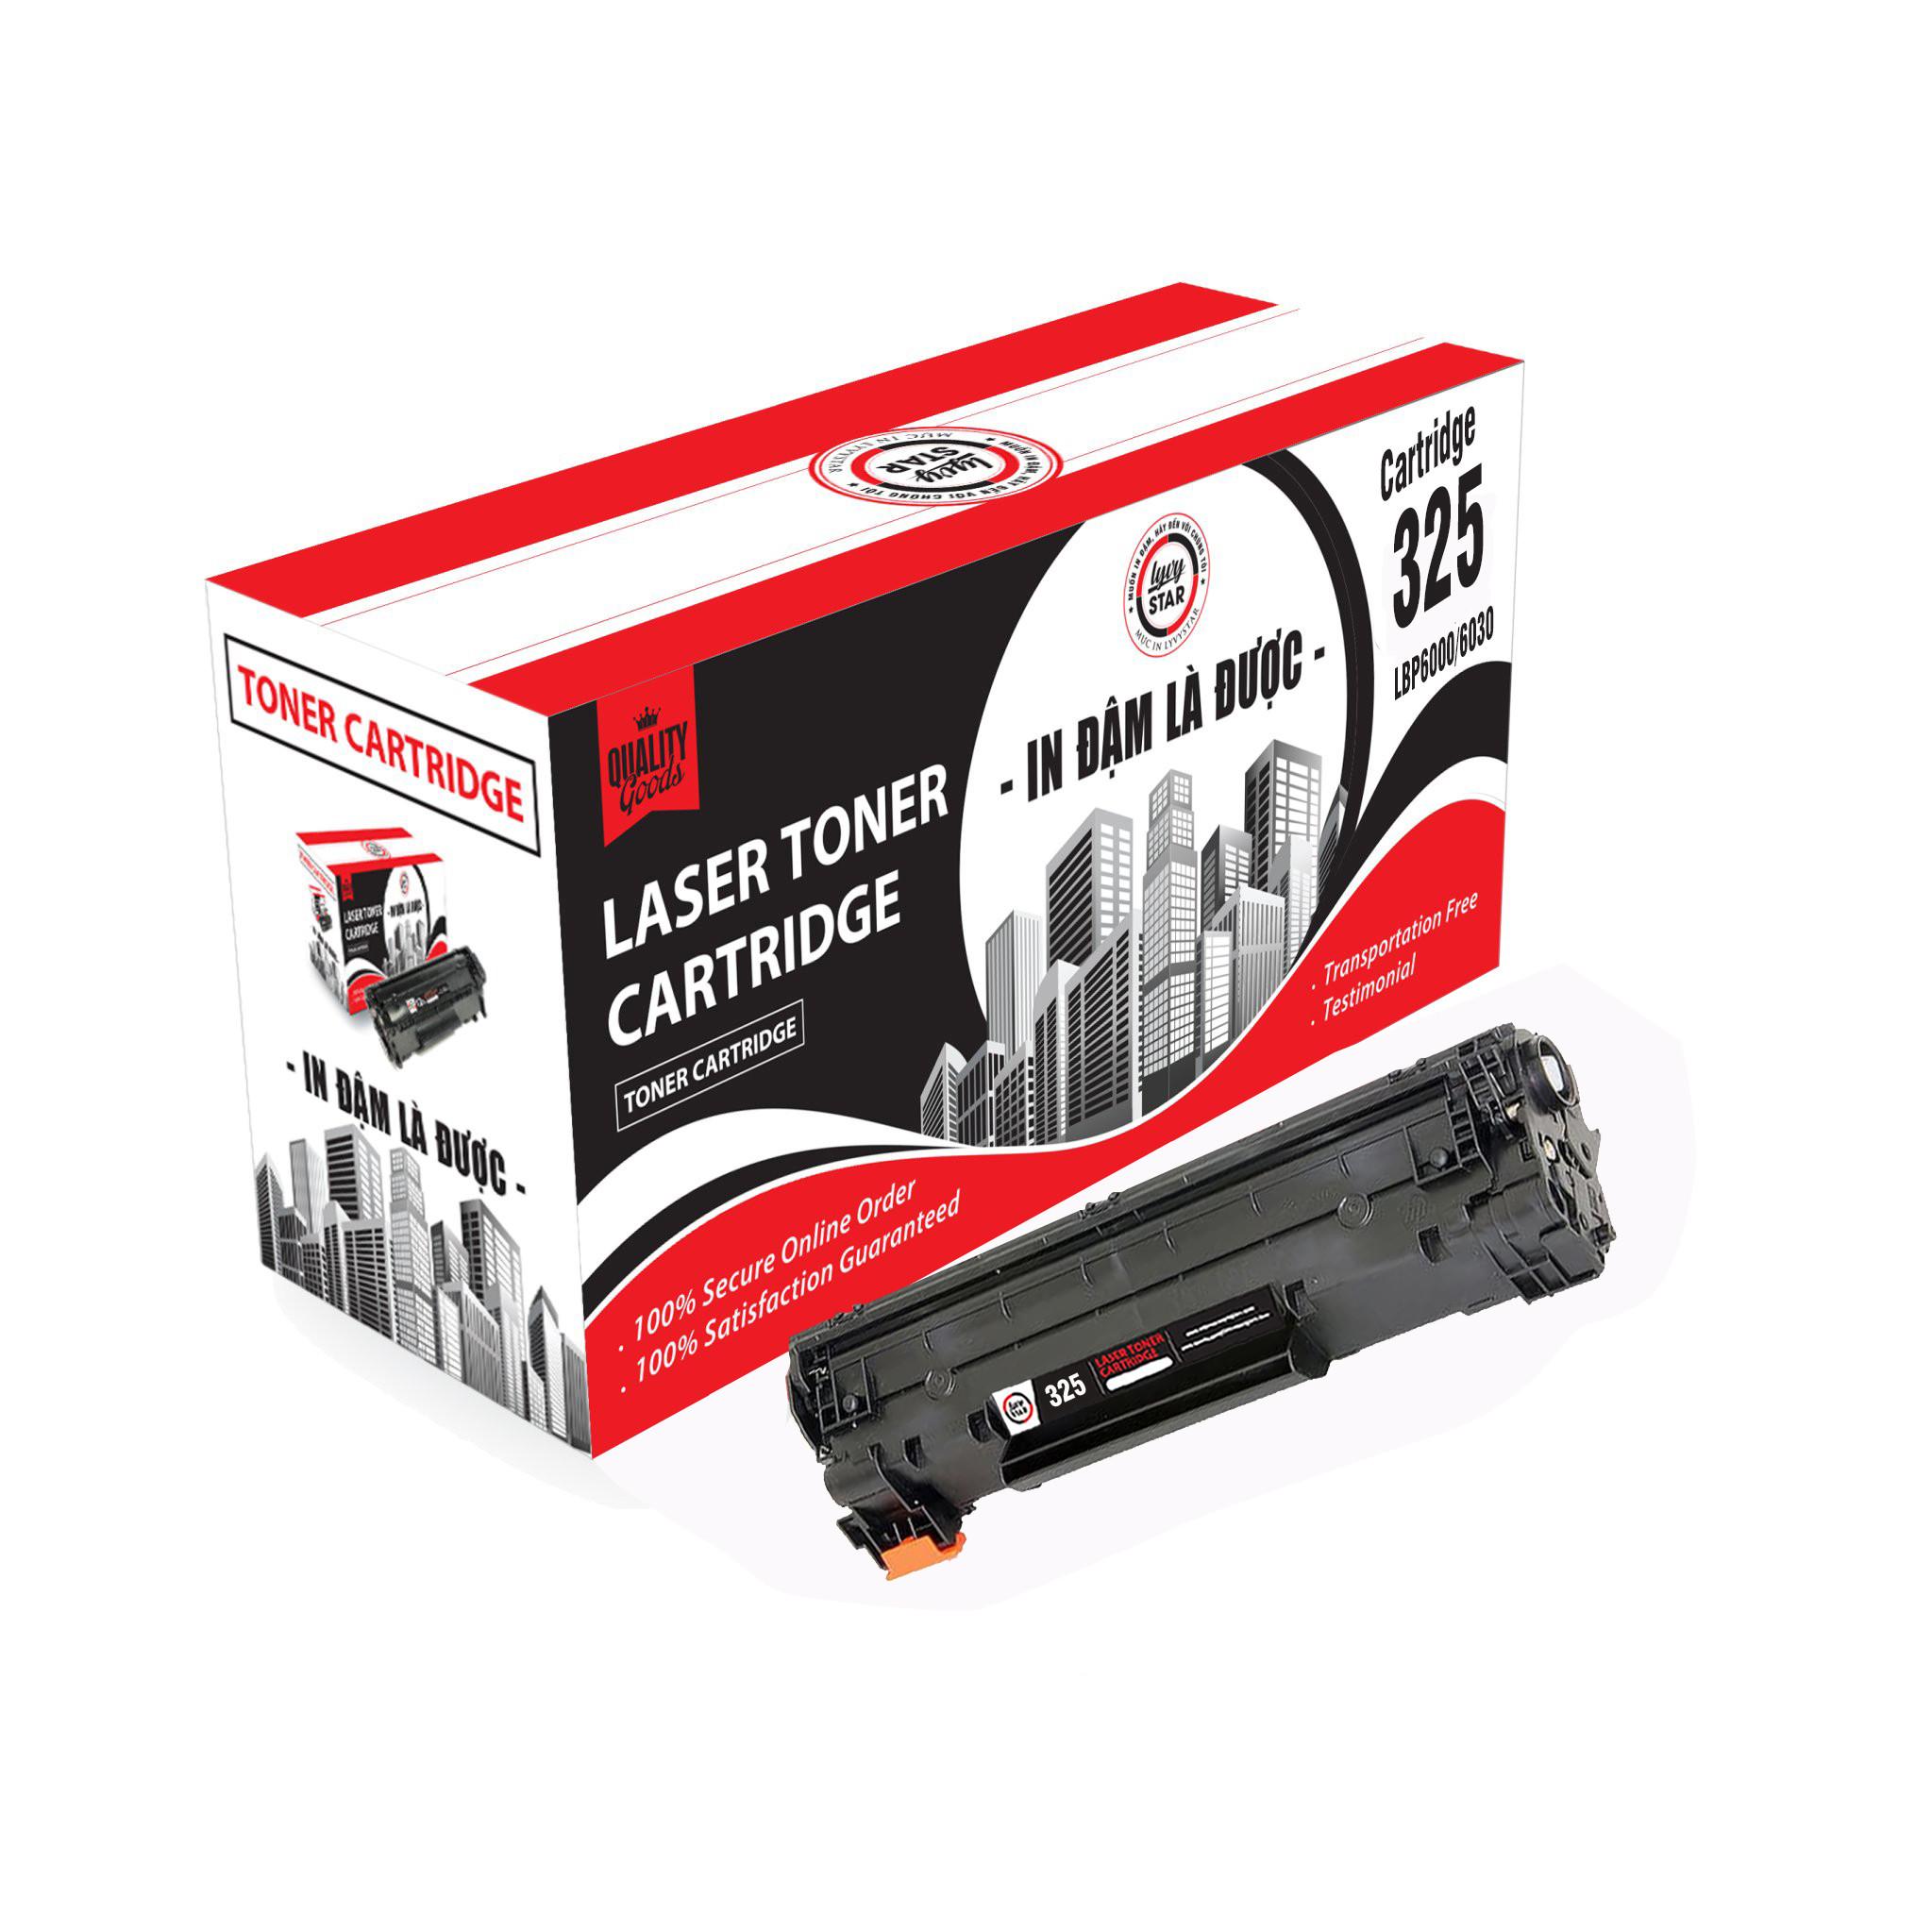 Hộp mực Lyvystar 325 sử dụng cho máy in Canon LBP 6018 - Hàng chính hãng